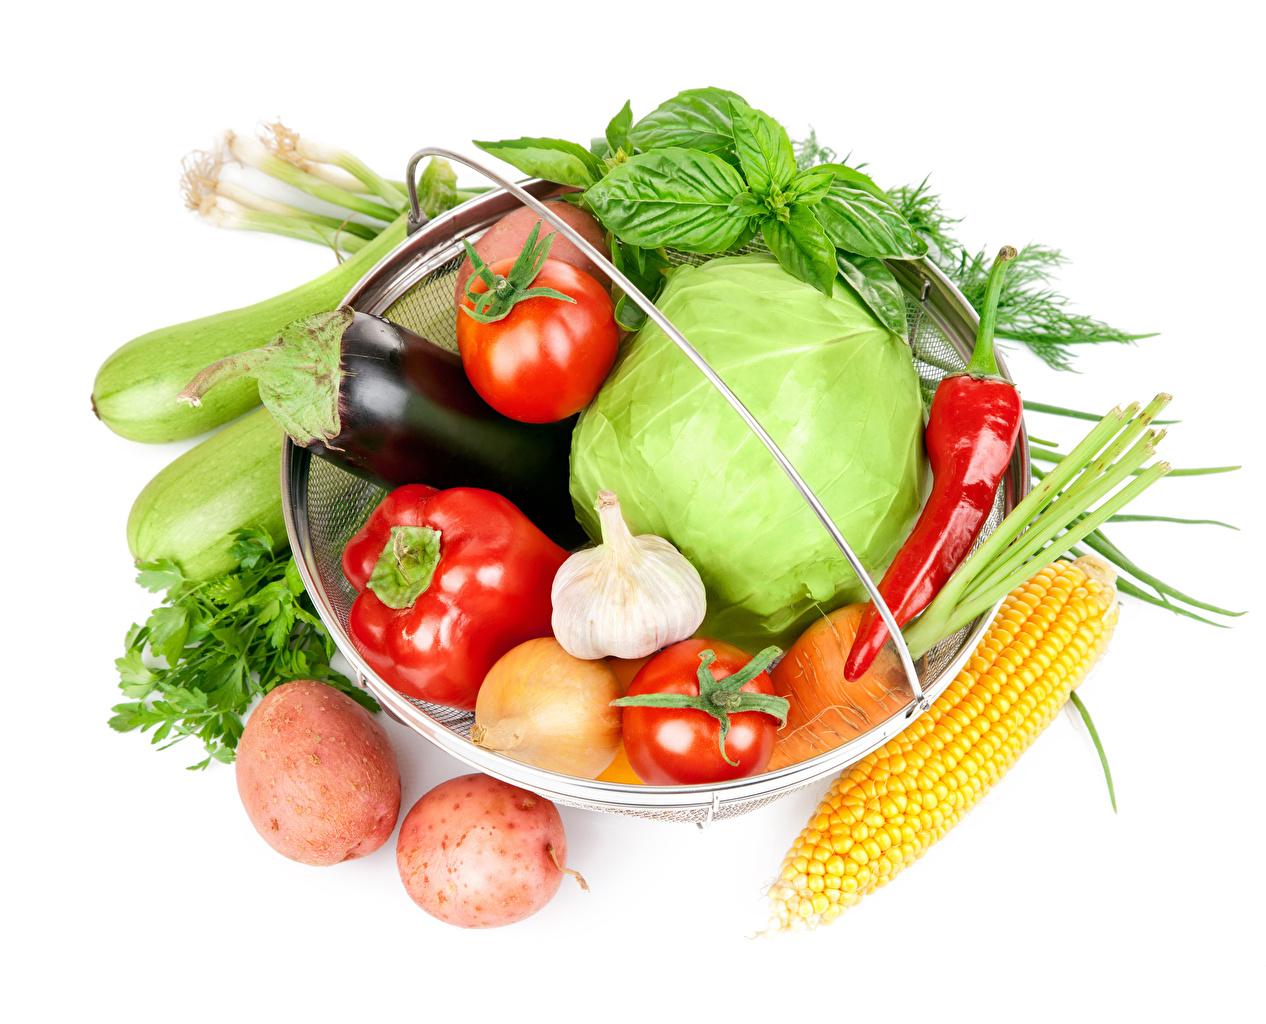 Фото Томаты Капуста Кукуруза картошка Пища Овощи перец овощной Белый фон Помидоры Картофель Еда Перец Продукты питания белом фоне белым фоном